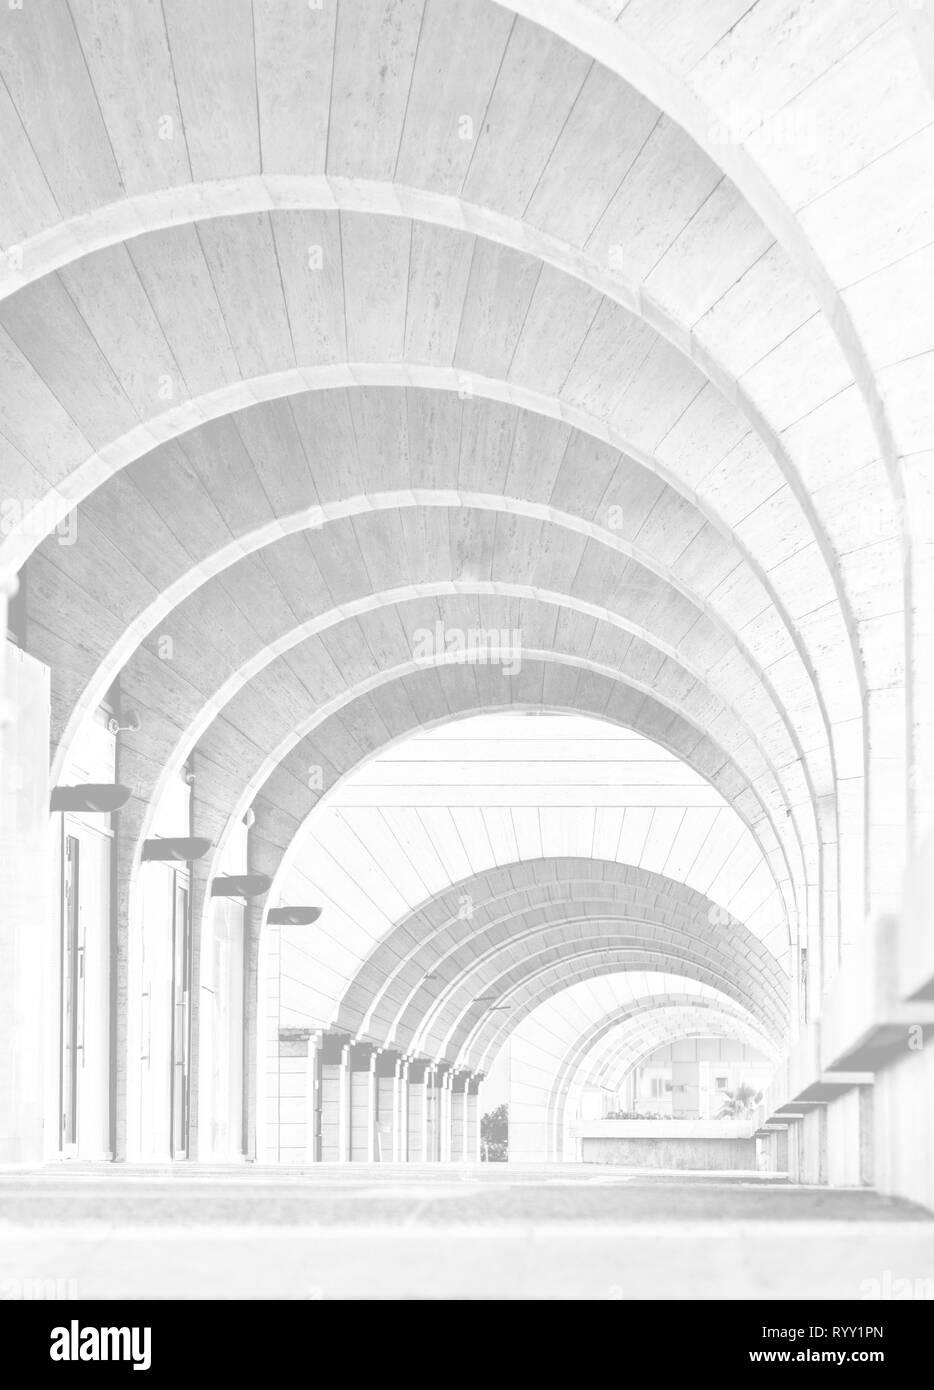 Tel Aviv, Israel - 28. APRIL 2018: Zeitgenössische Architektur: Torbogen Arcade modernes Gebäude, Architektur Fotografie Stockfoto